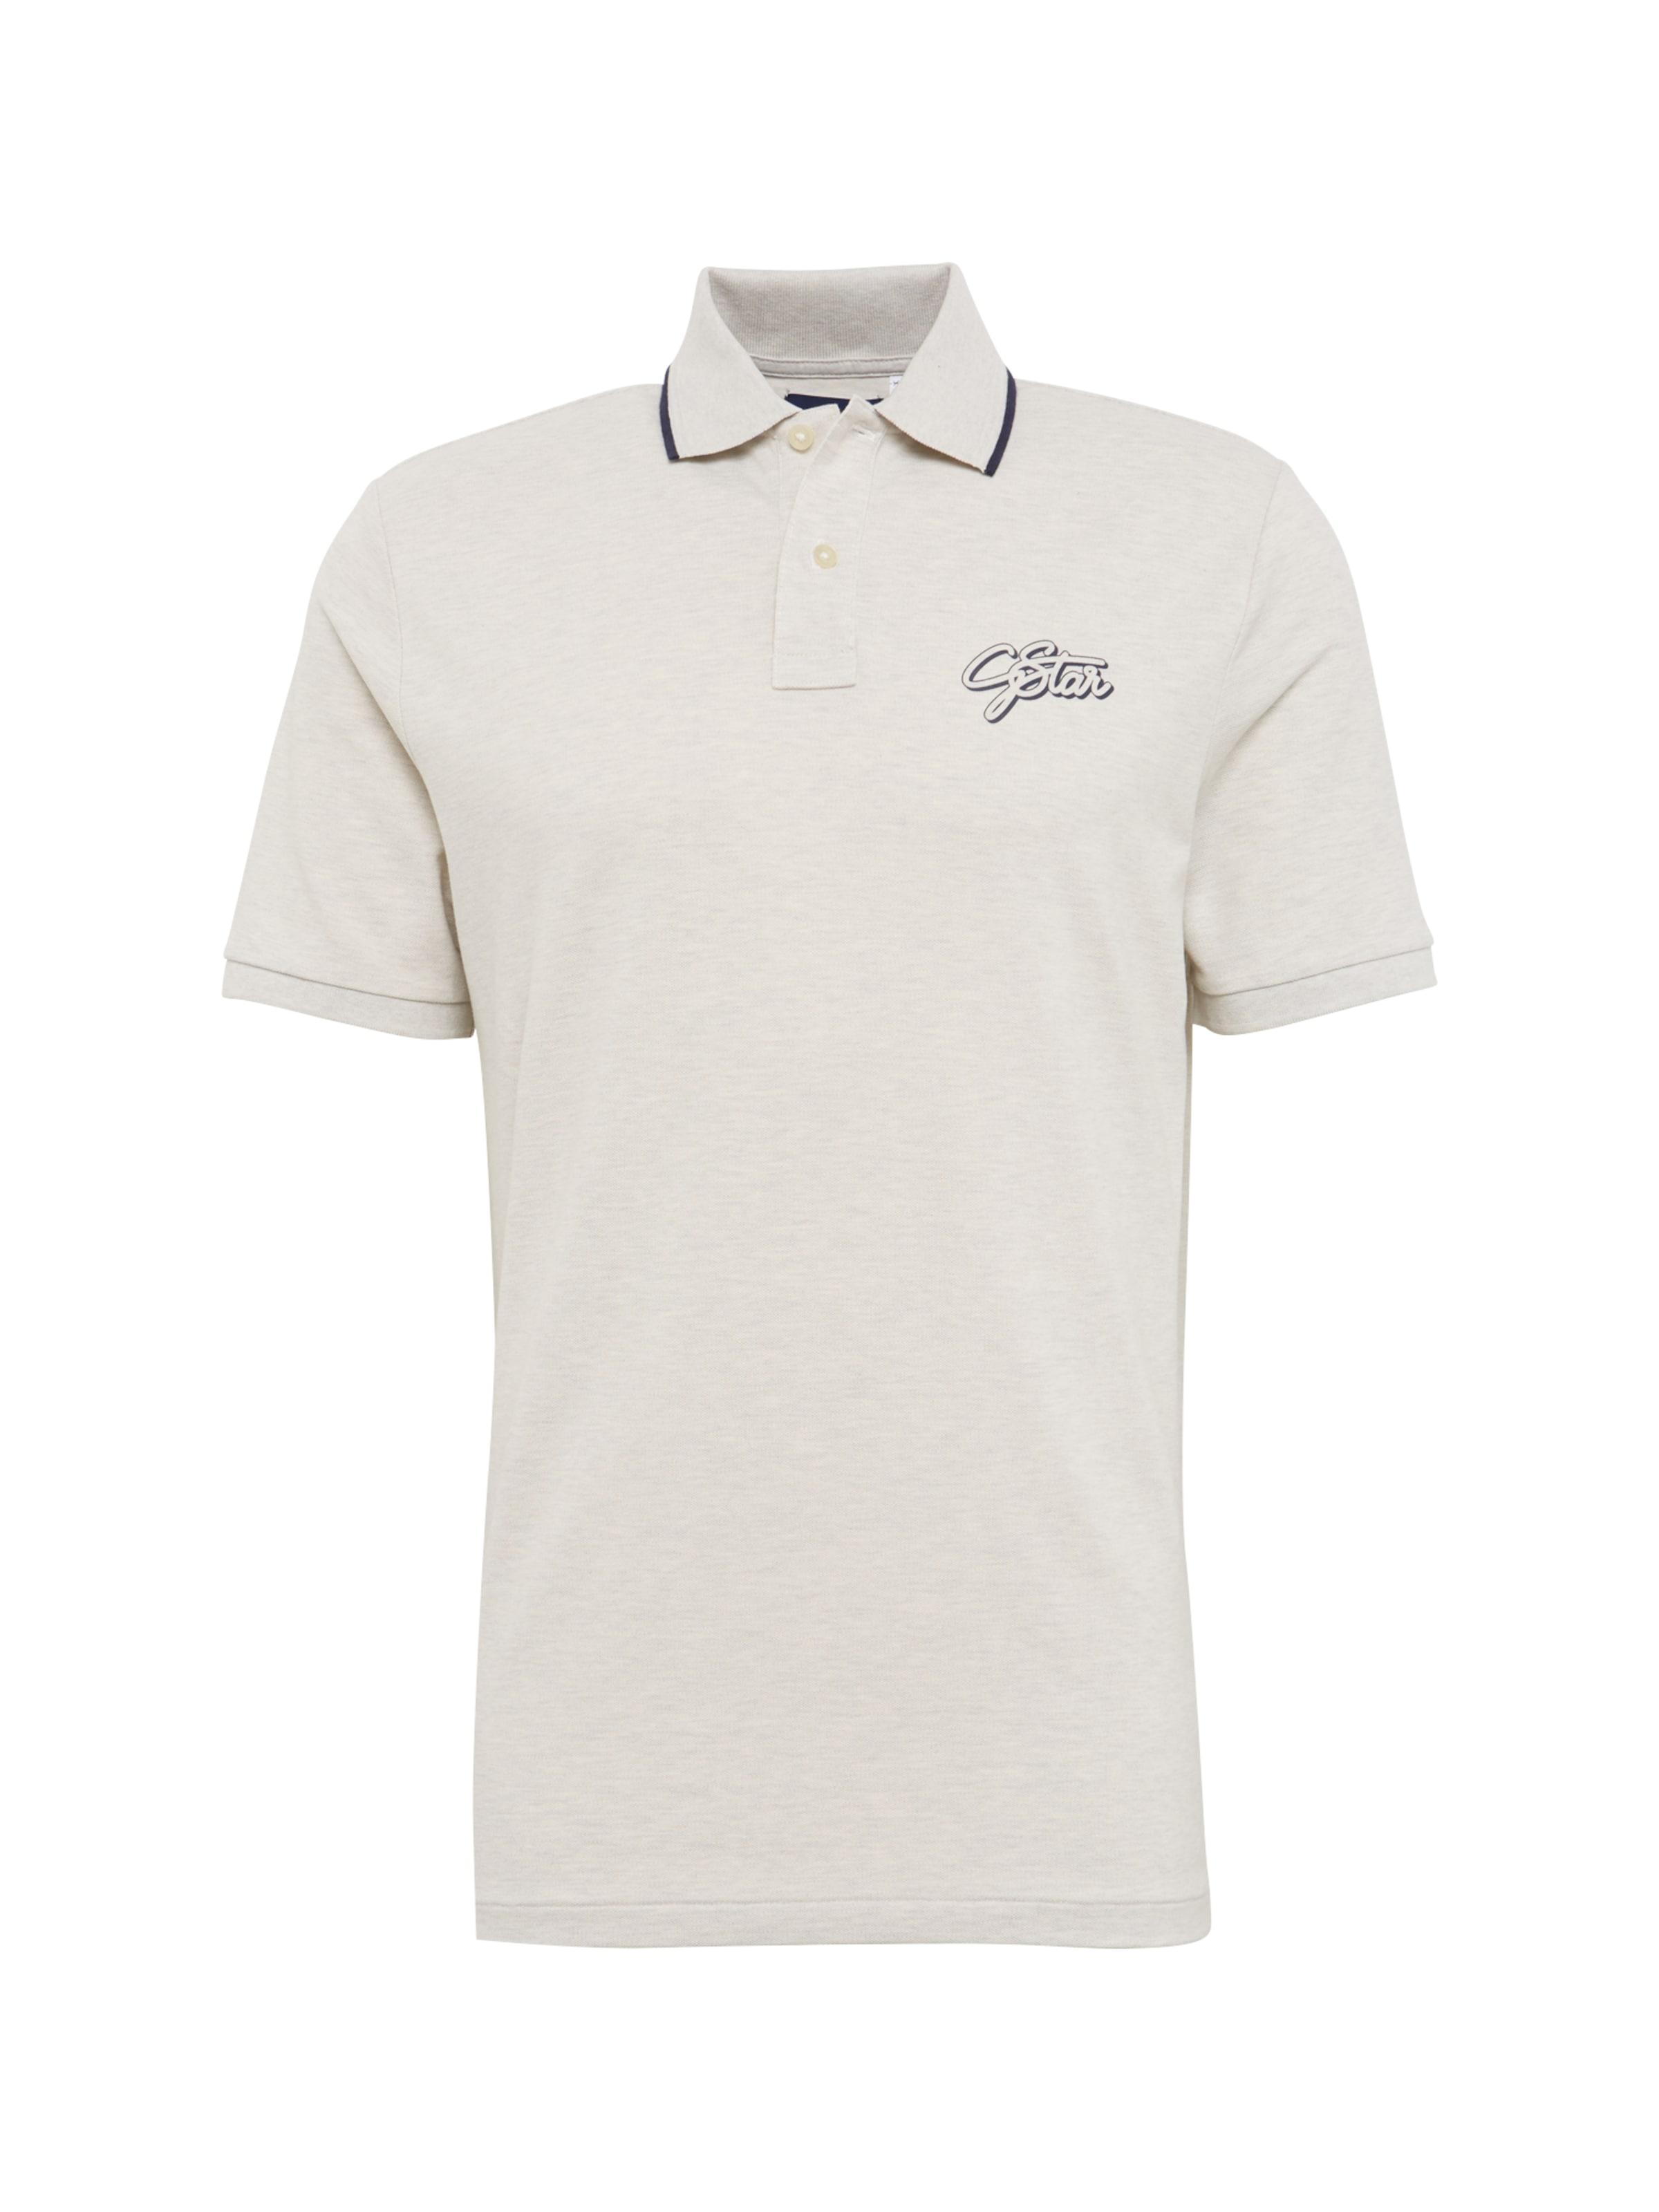 '28 Raw G In star S Offwhite Polo Art Poloshirt s' 43jq5RAL